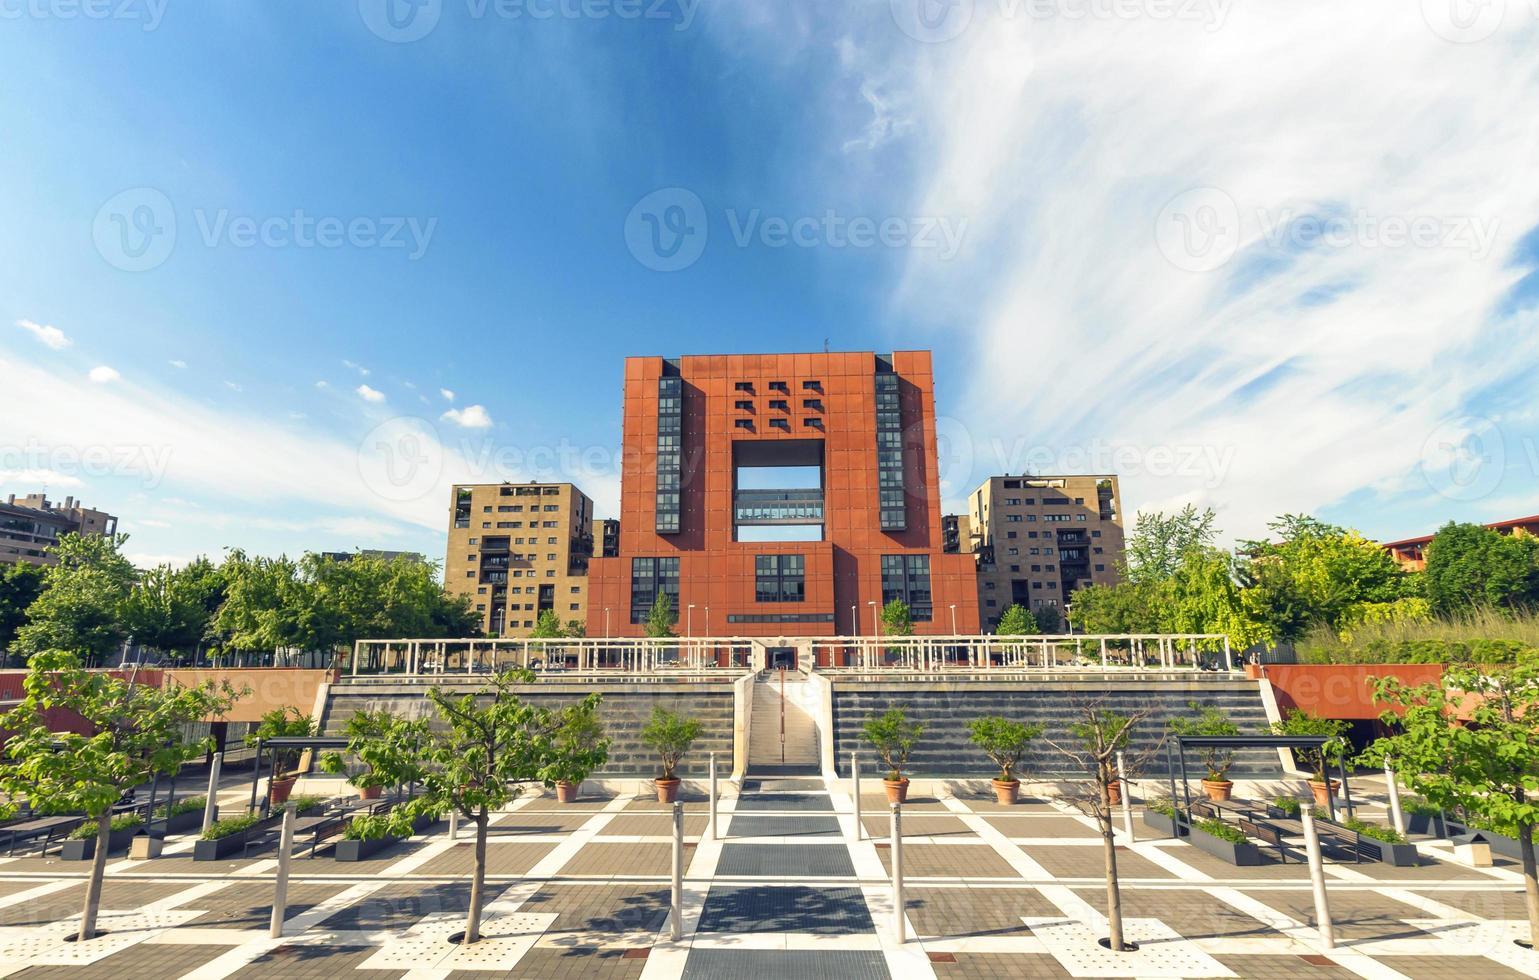 università bicocca, milano italia foto